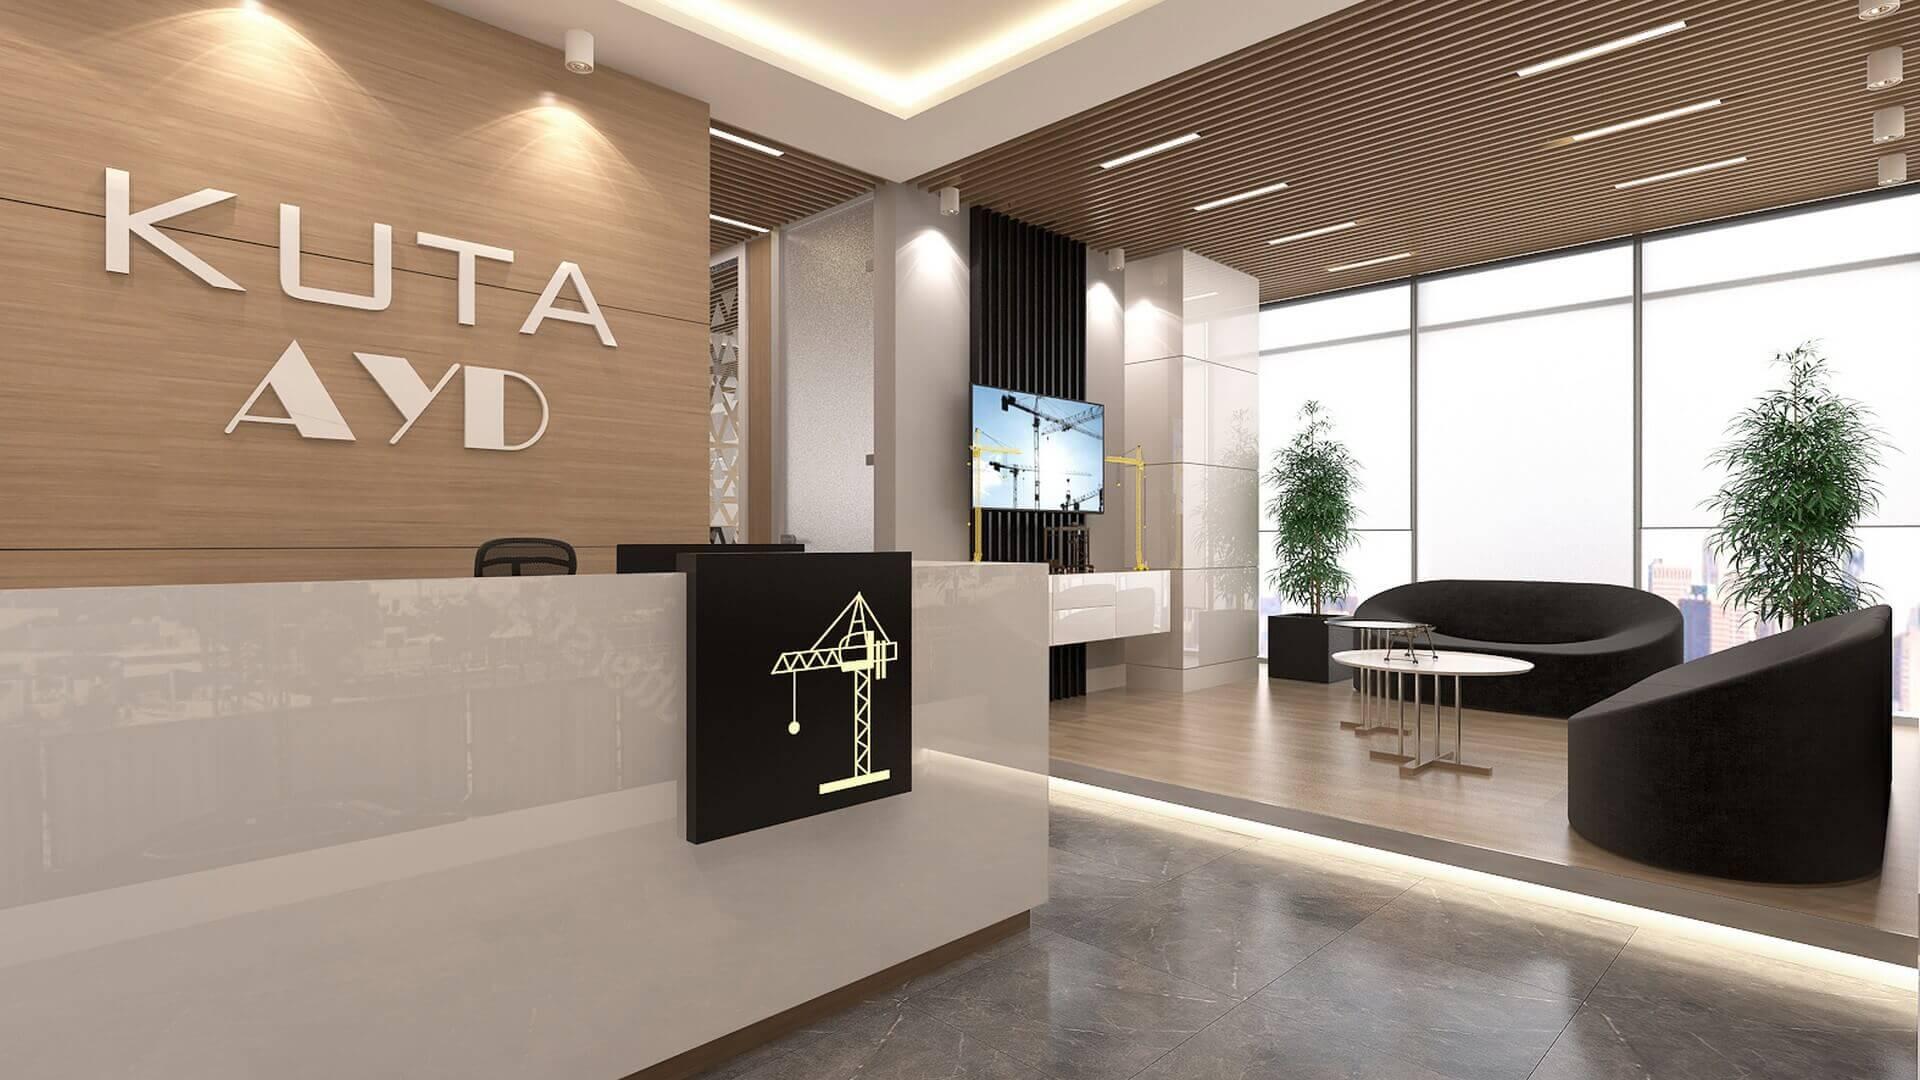 1071 Ankara 2219 Kuta Office Offices